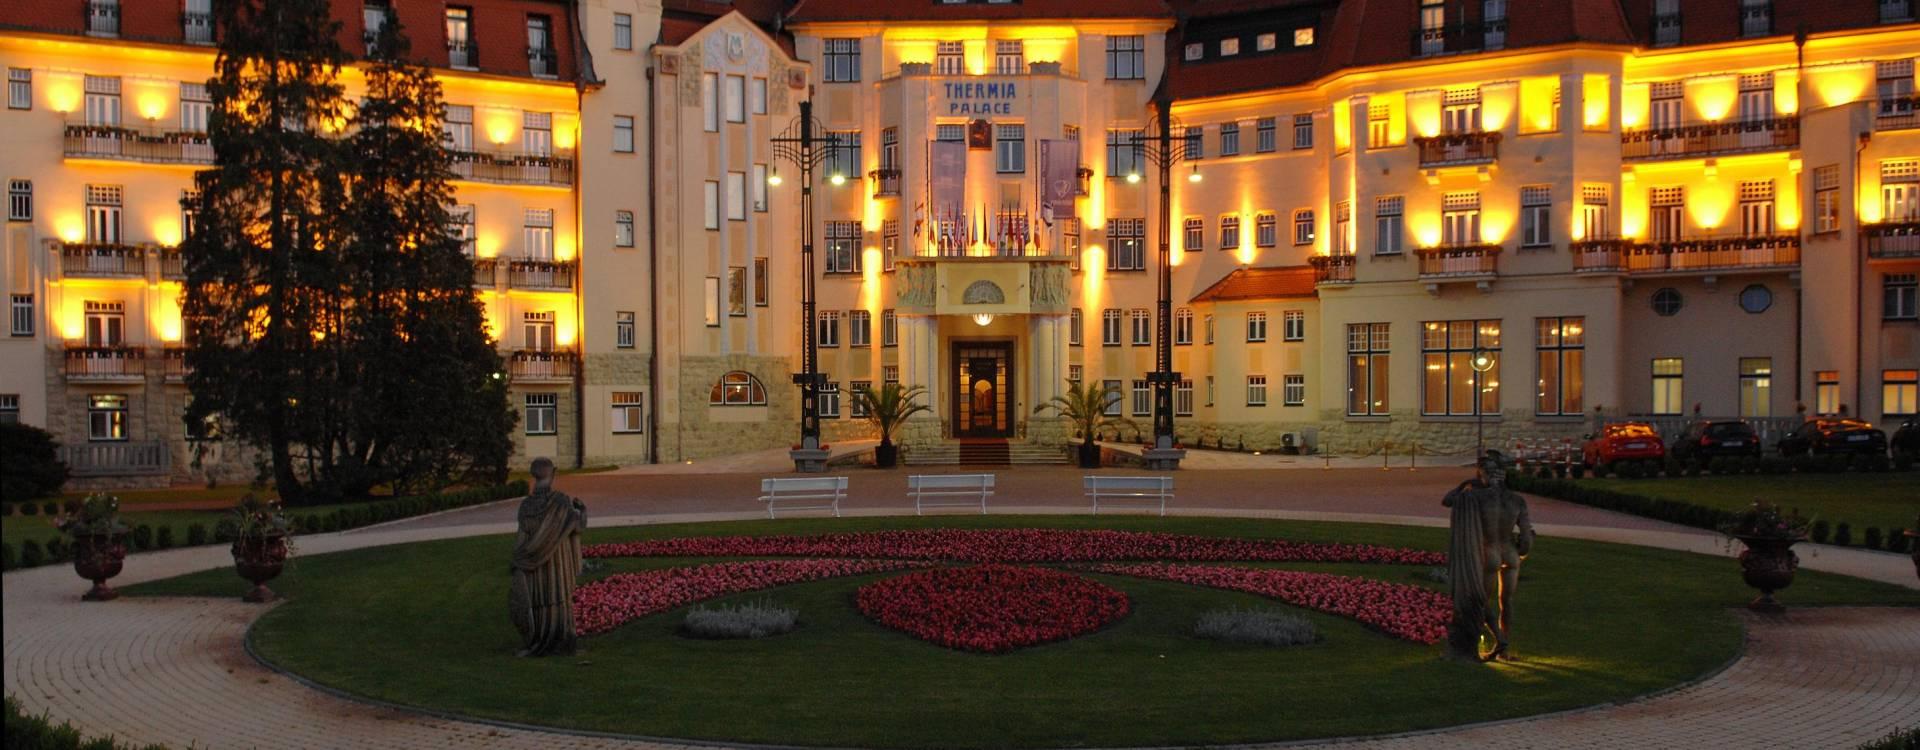 Květnové akce v Piešťanech